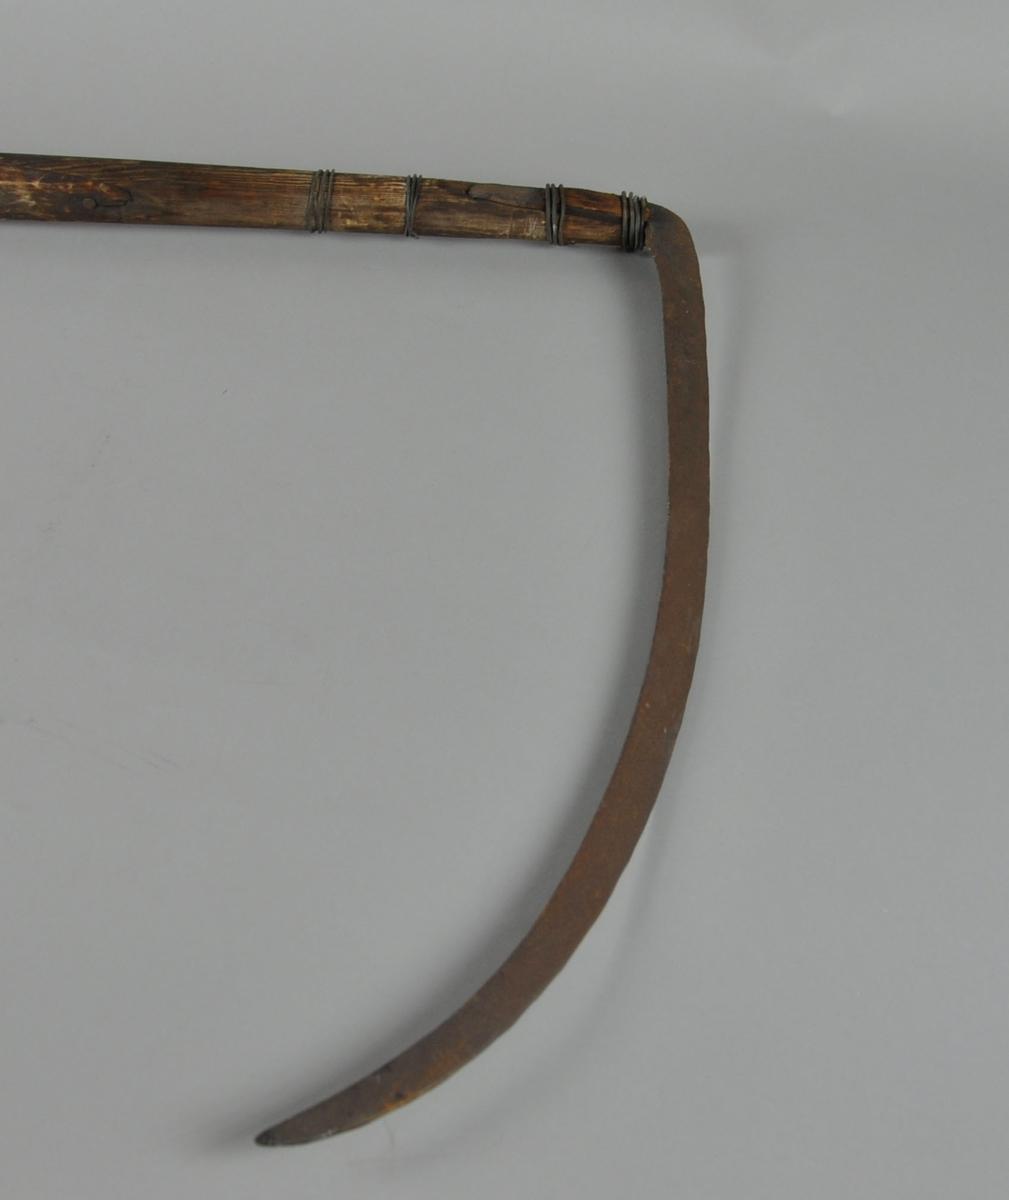 Ljå med blad. Orven har en kantete utforming og er lett innsvingt mellom håndtakene.  Øverste del på ljåen er dekorativt skåret, det samme gjelder øverste håndtak. Bladet er festet til orven med metalltråder.